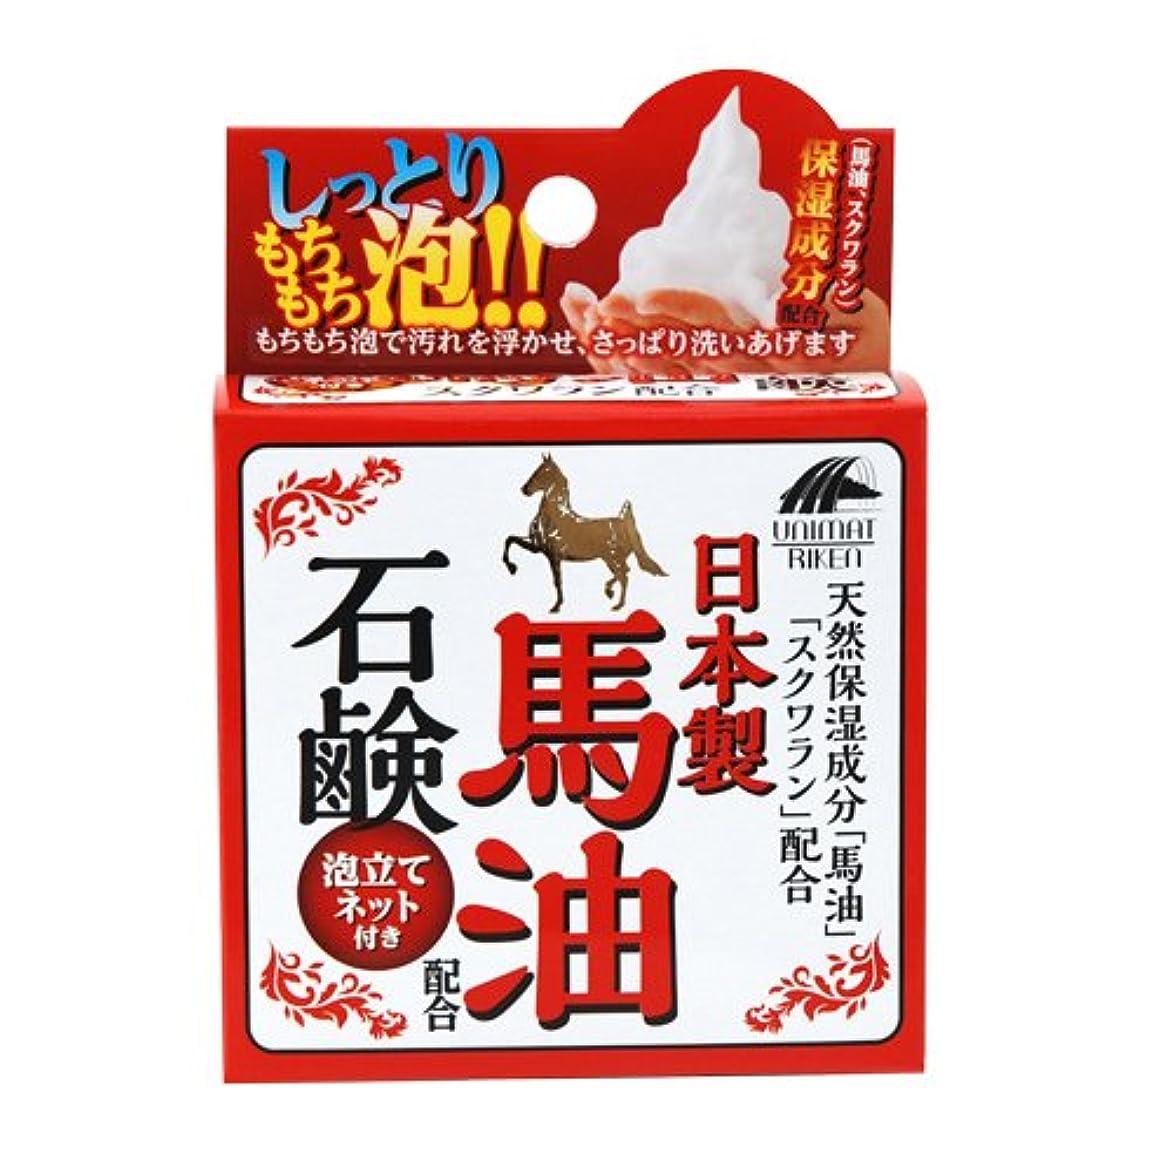 メダリストストラップダイアクリティカルユニマットリケン 日本製 馬油石鹸 100g